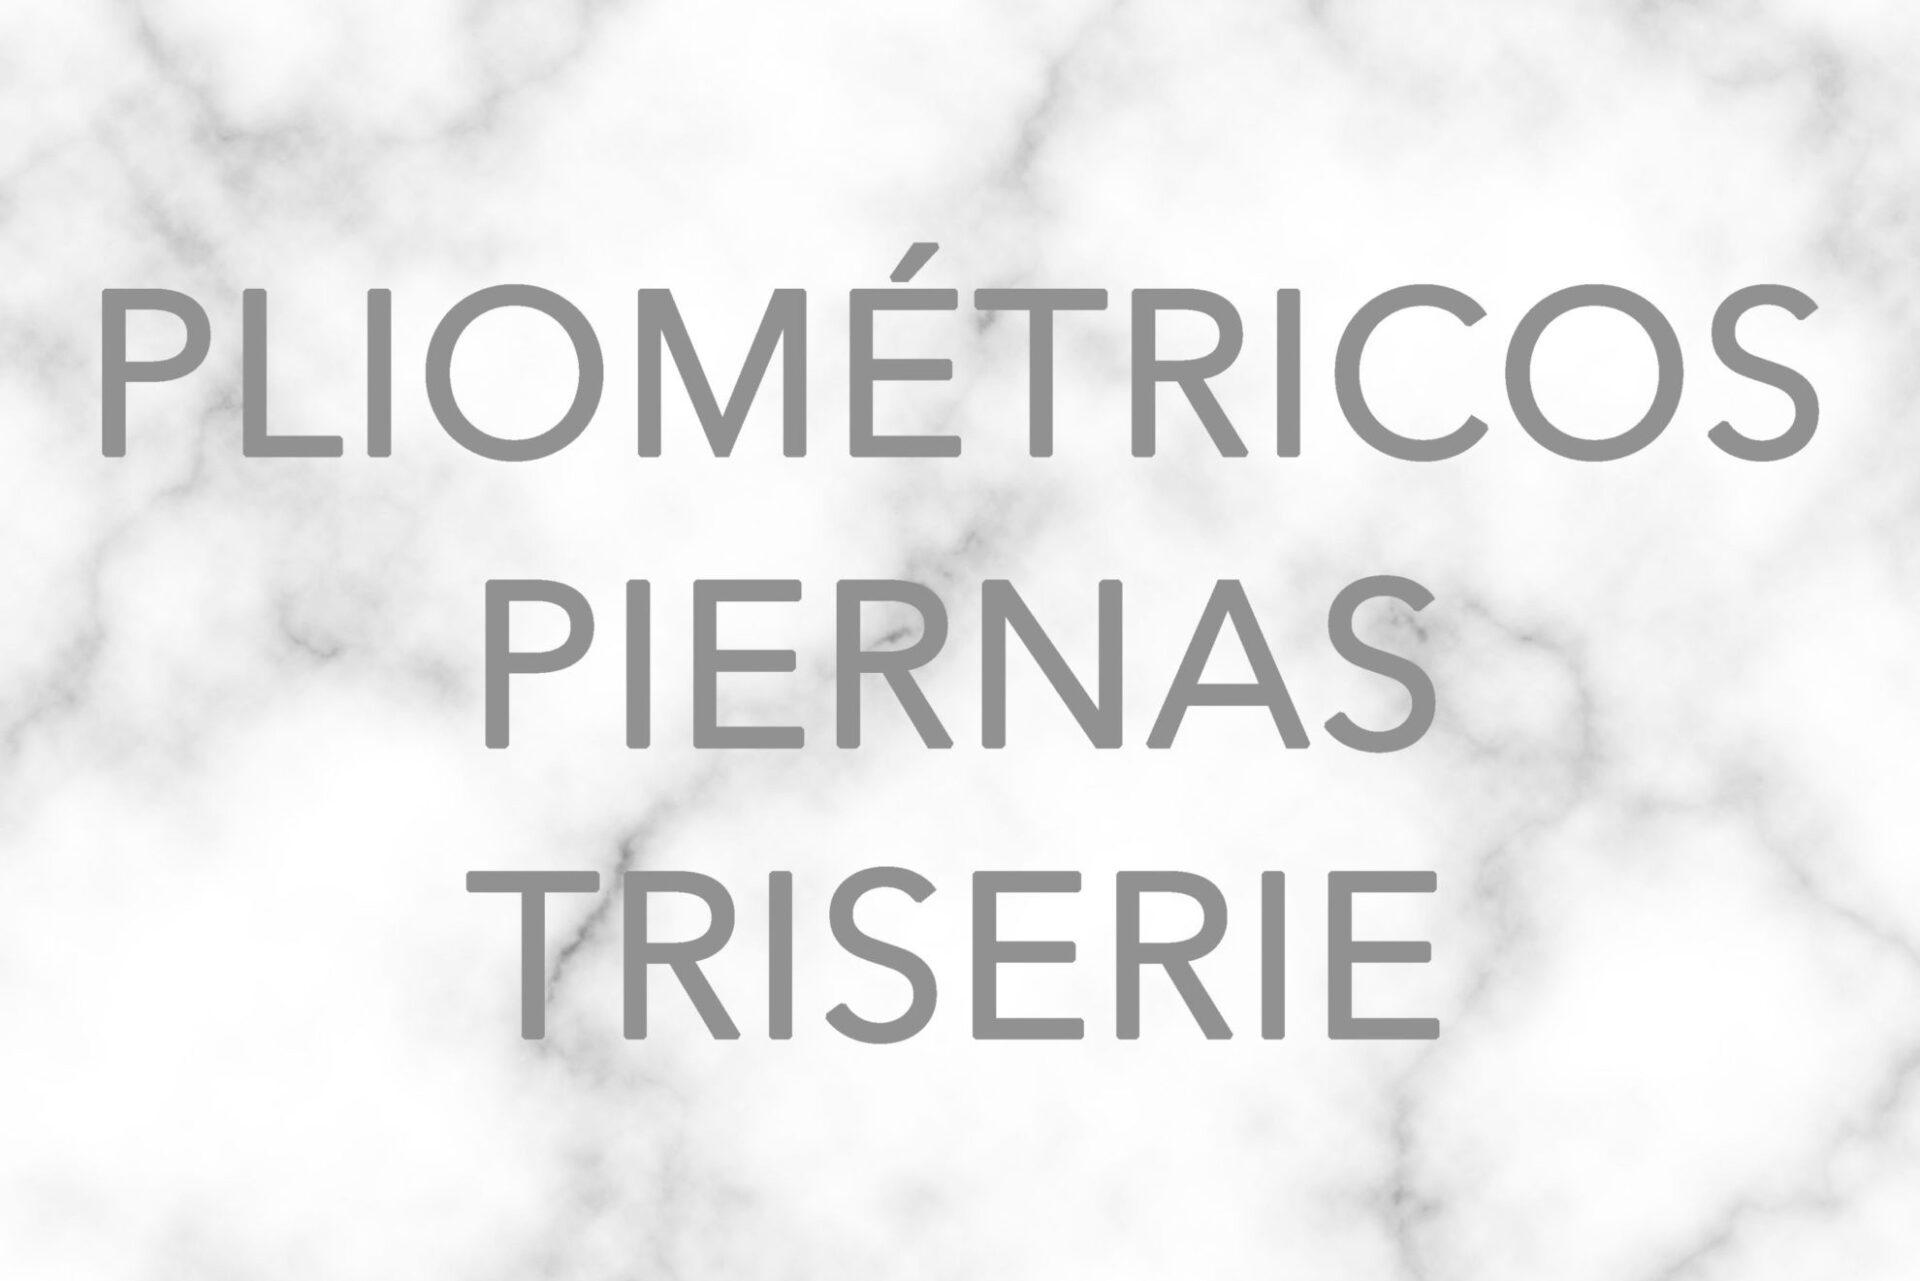 PLIOMETRICOS PIERNA TRISERIE